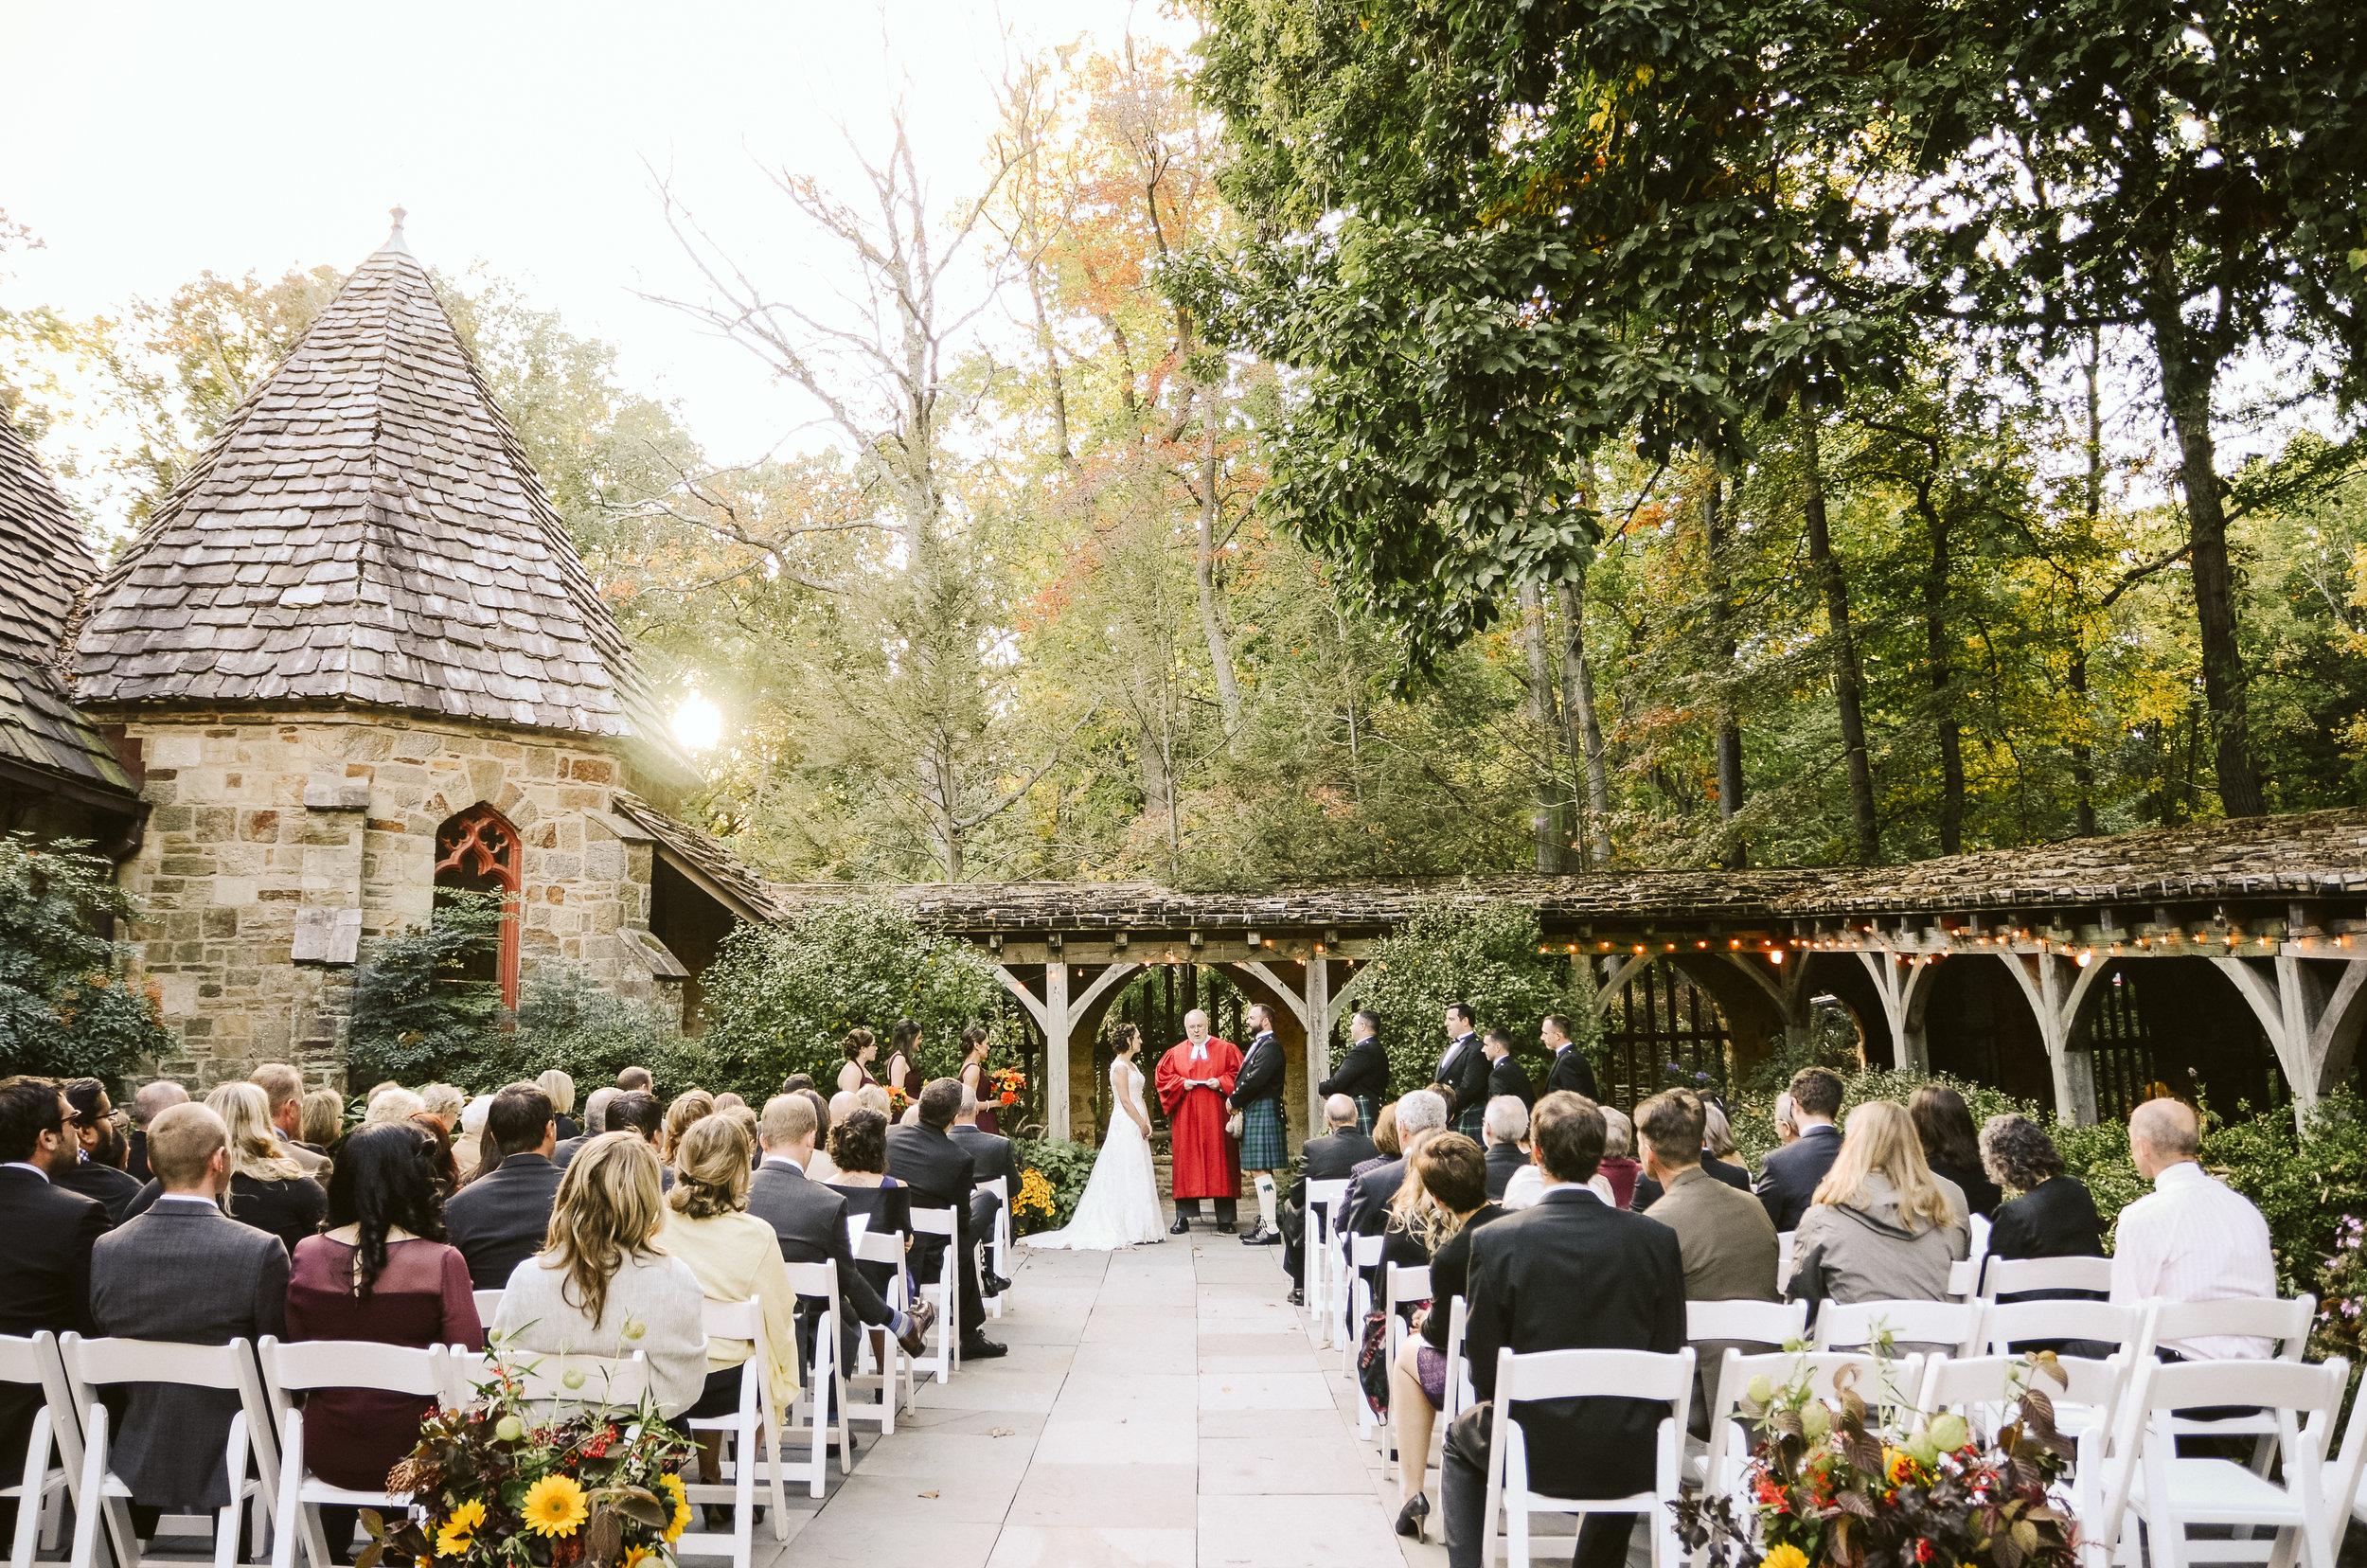 adrienne and greg's wedding 2018 edits-48.jpg